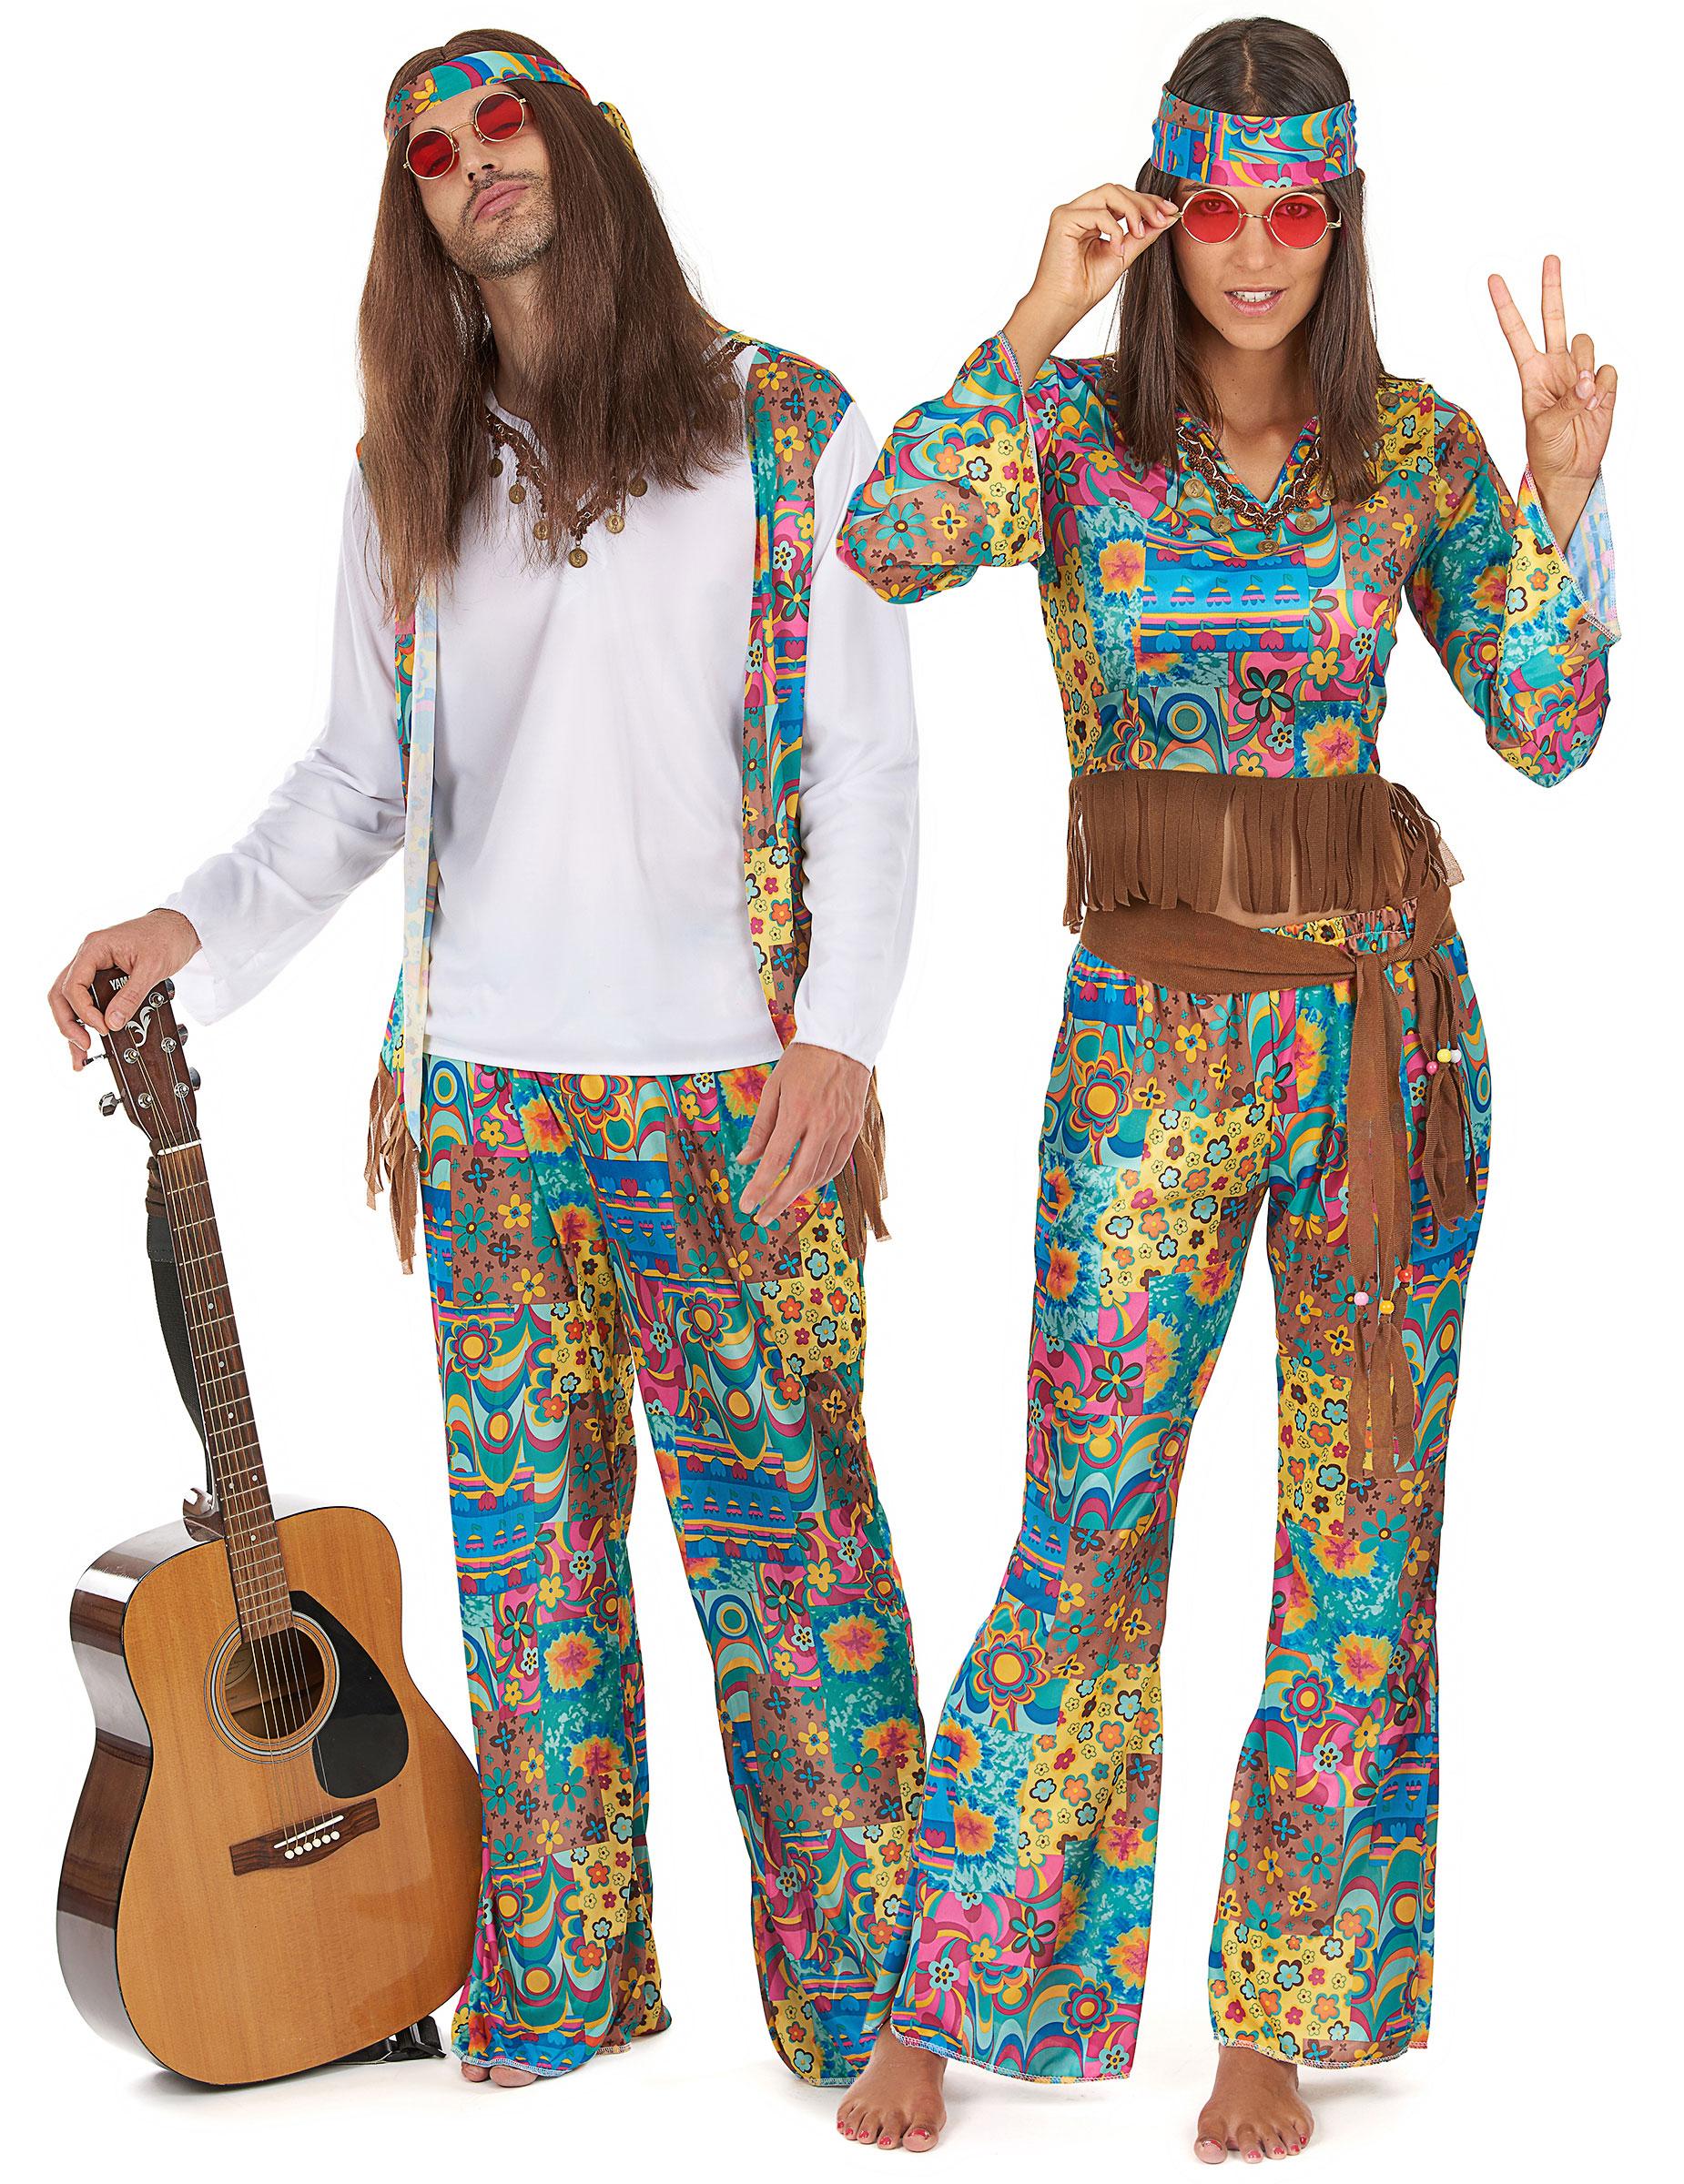 D guisement hippie pas cher - Accessoire maquillage pas cher ...